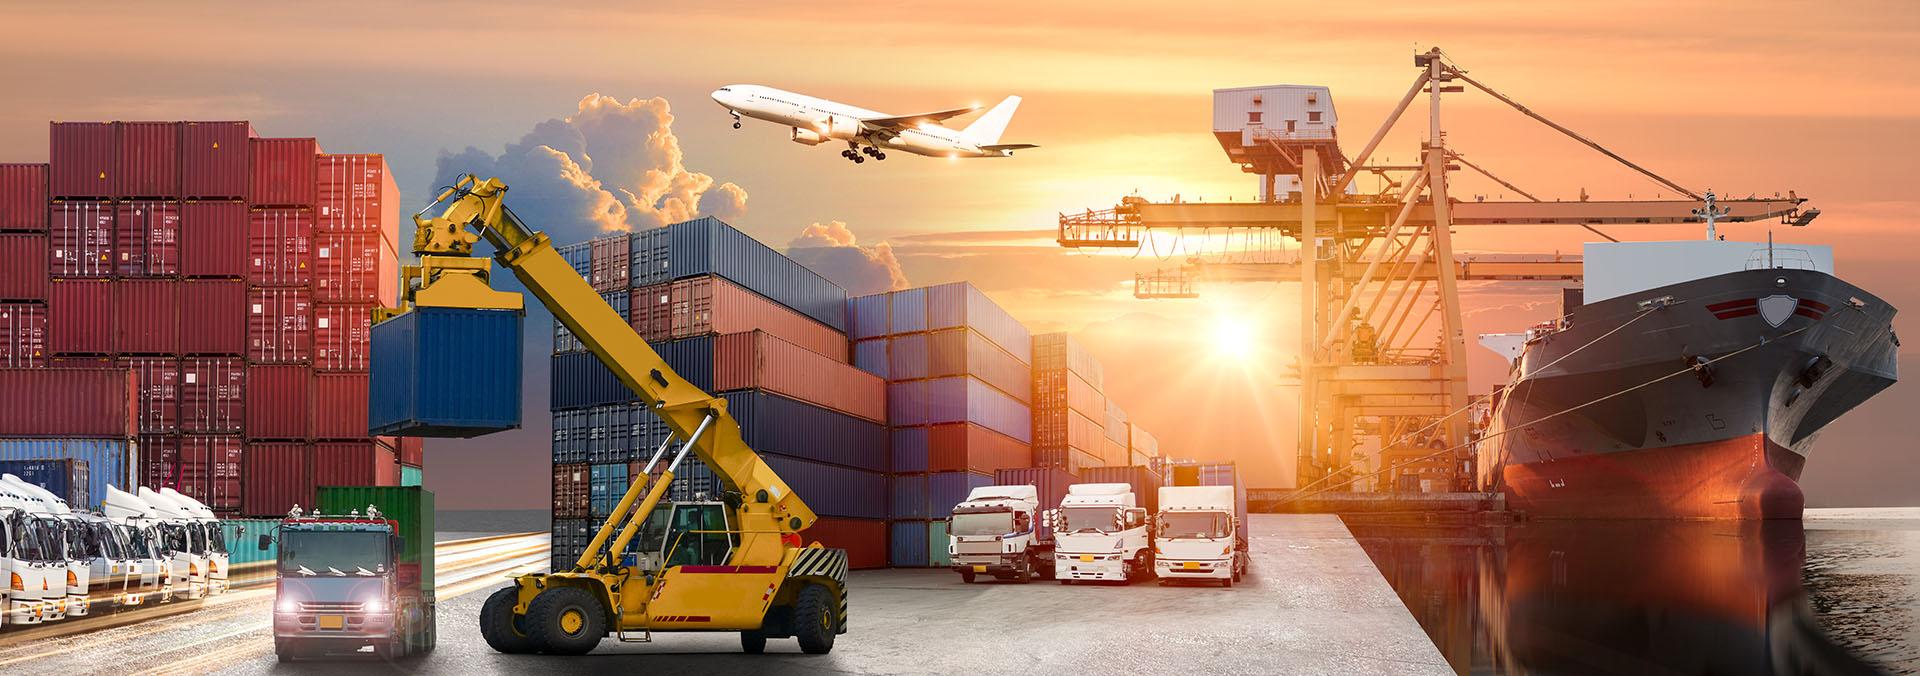 Uluslararası Lojistik ve Taşımacılık (Yükseklisans) (Tezsiz)